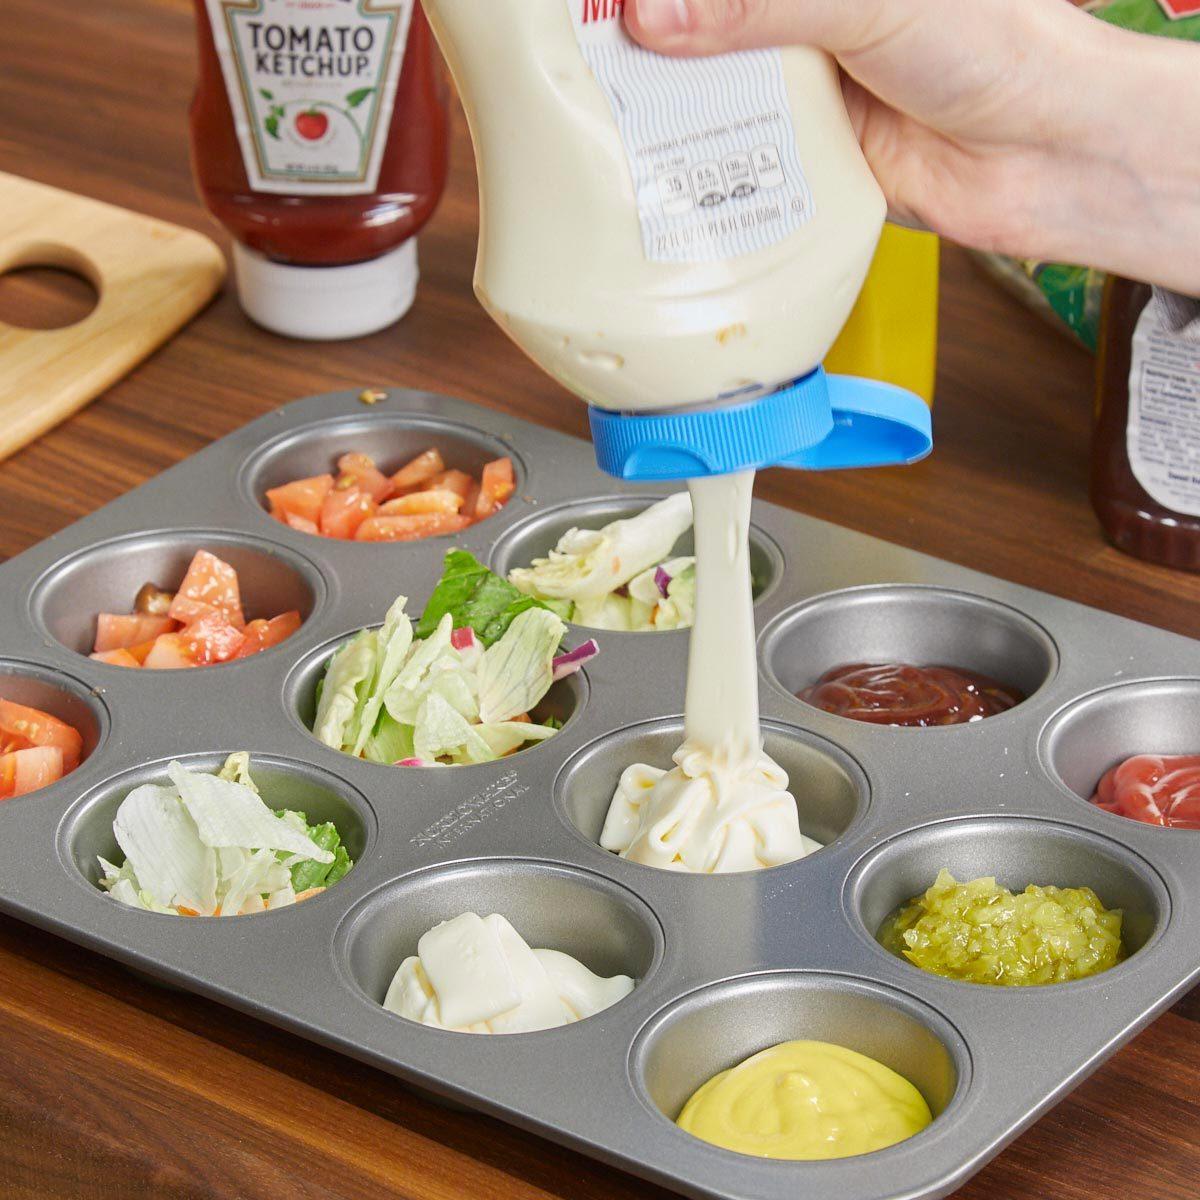 Organiser sa maison : tous les condiments à la même place.